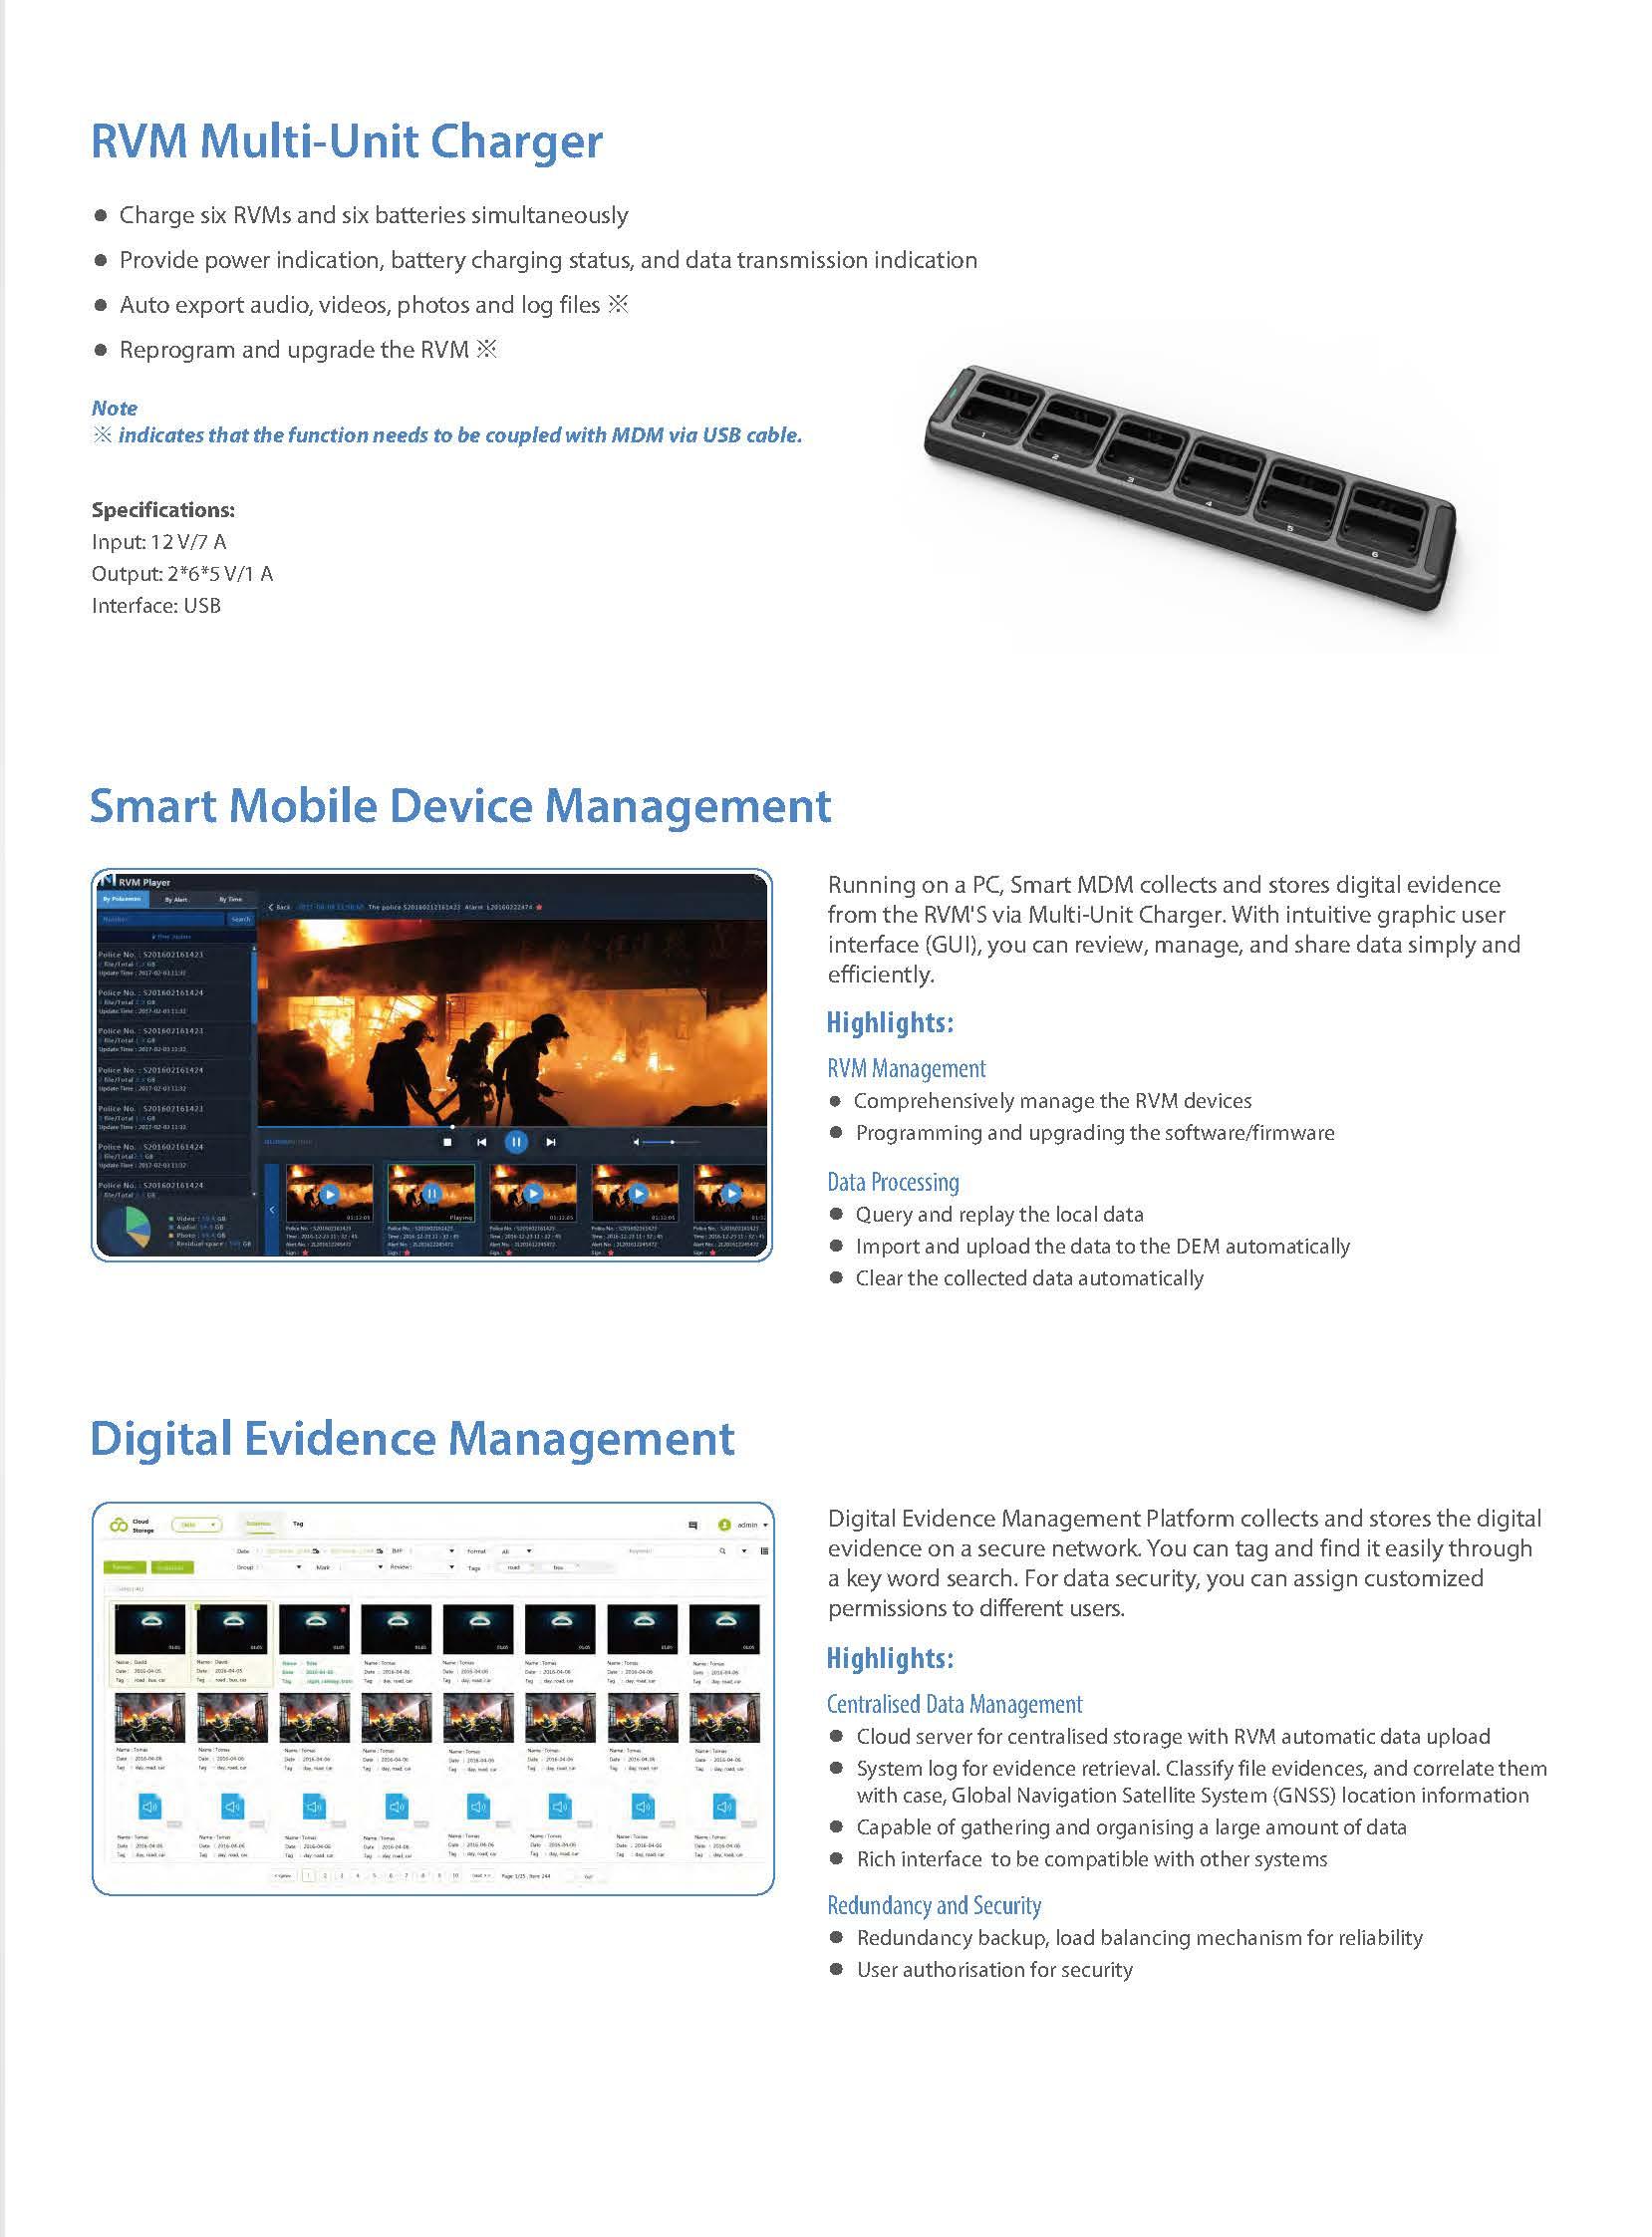 vm682-page-3.jpg